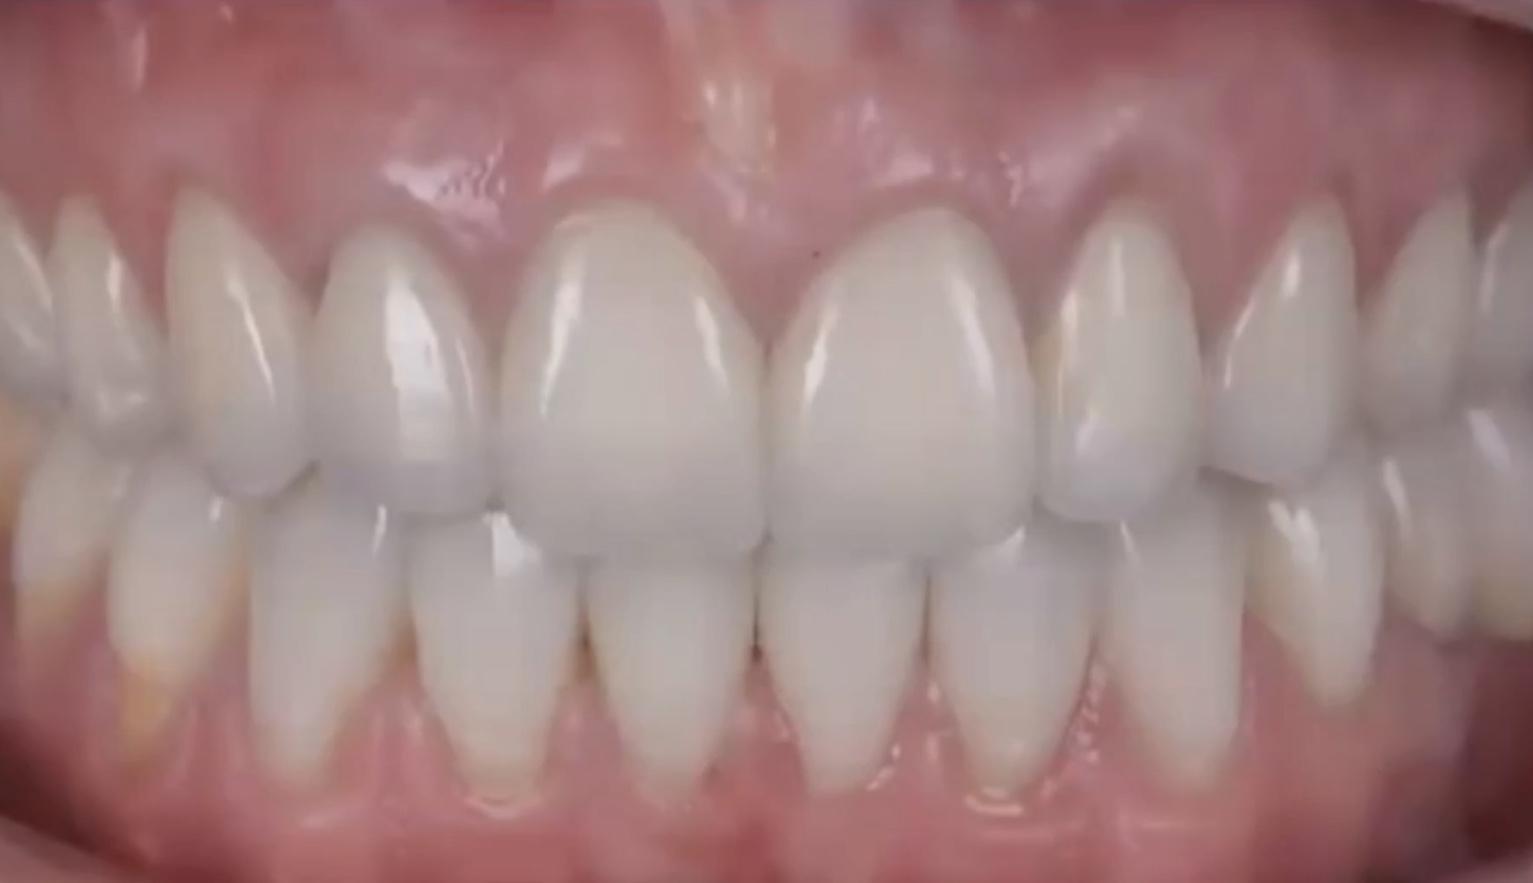 Nach Zahnfüllung Essen